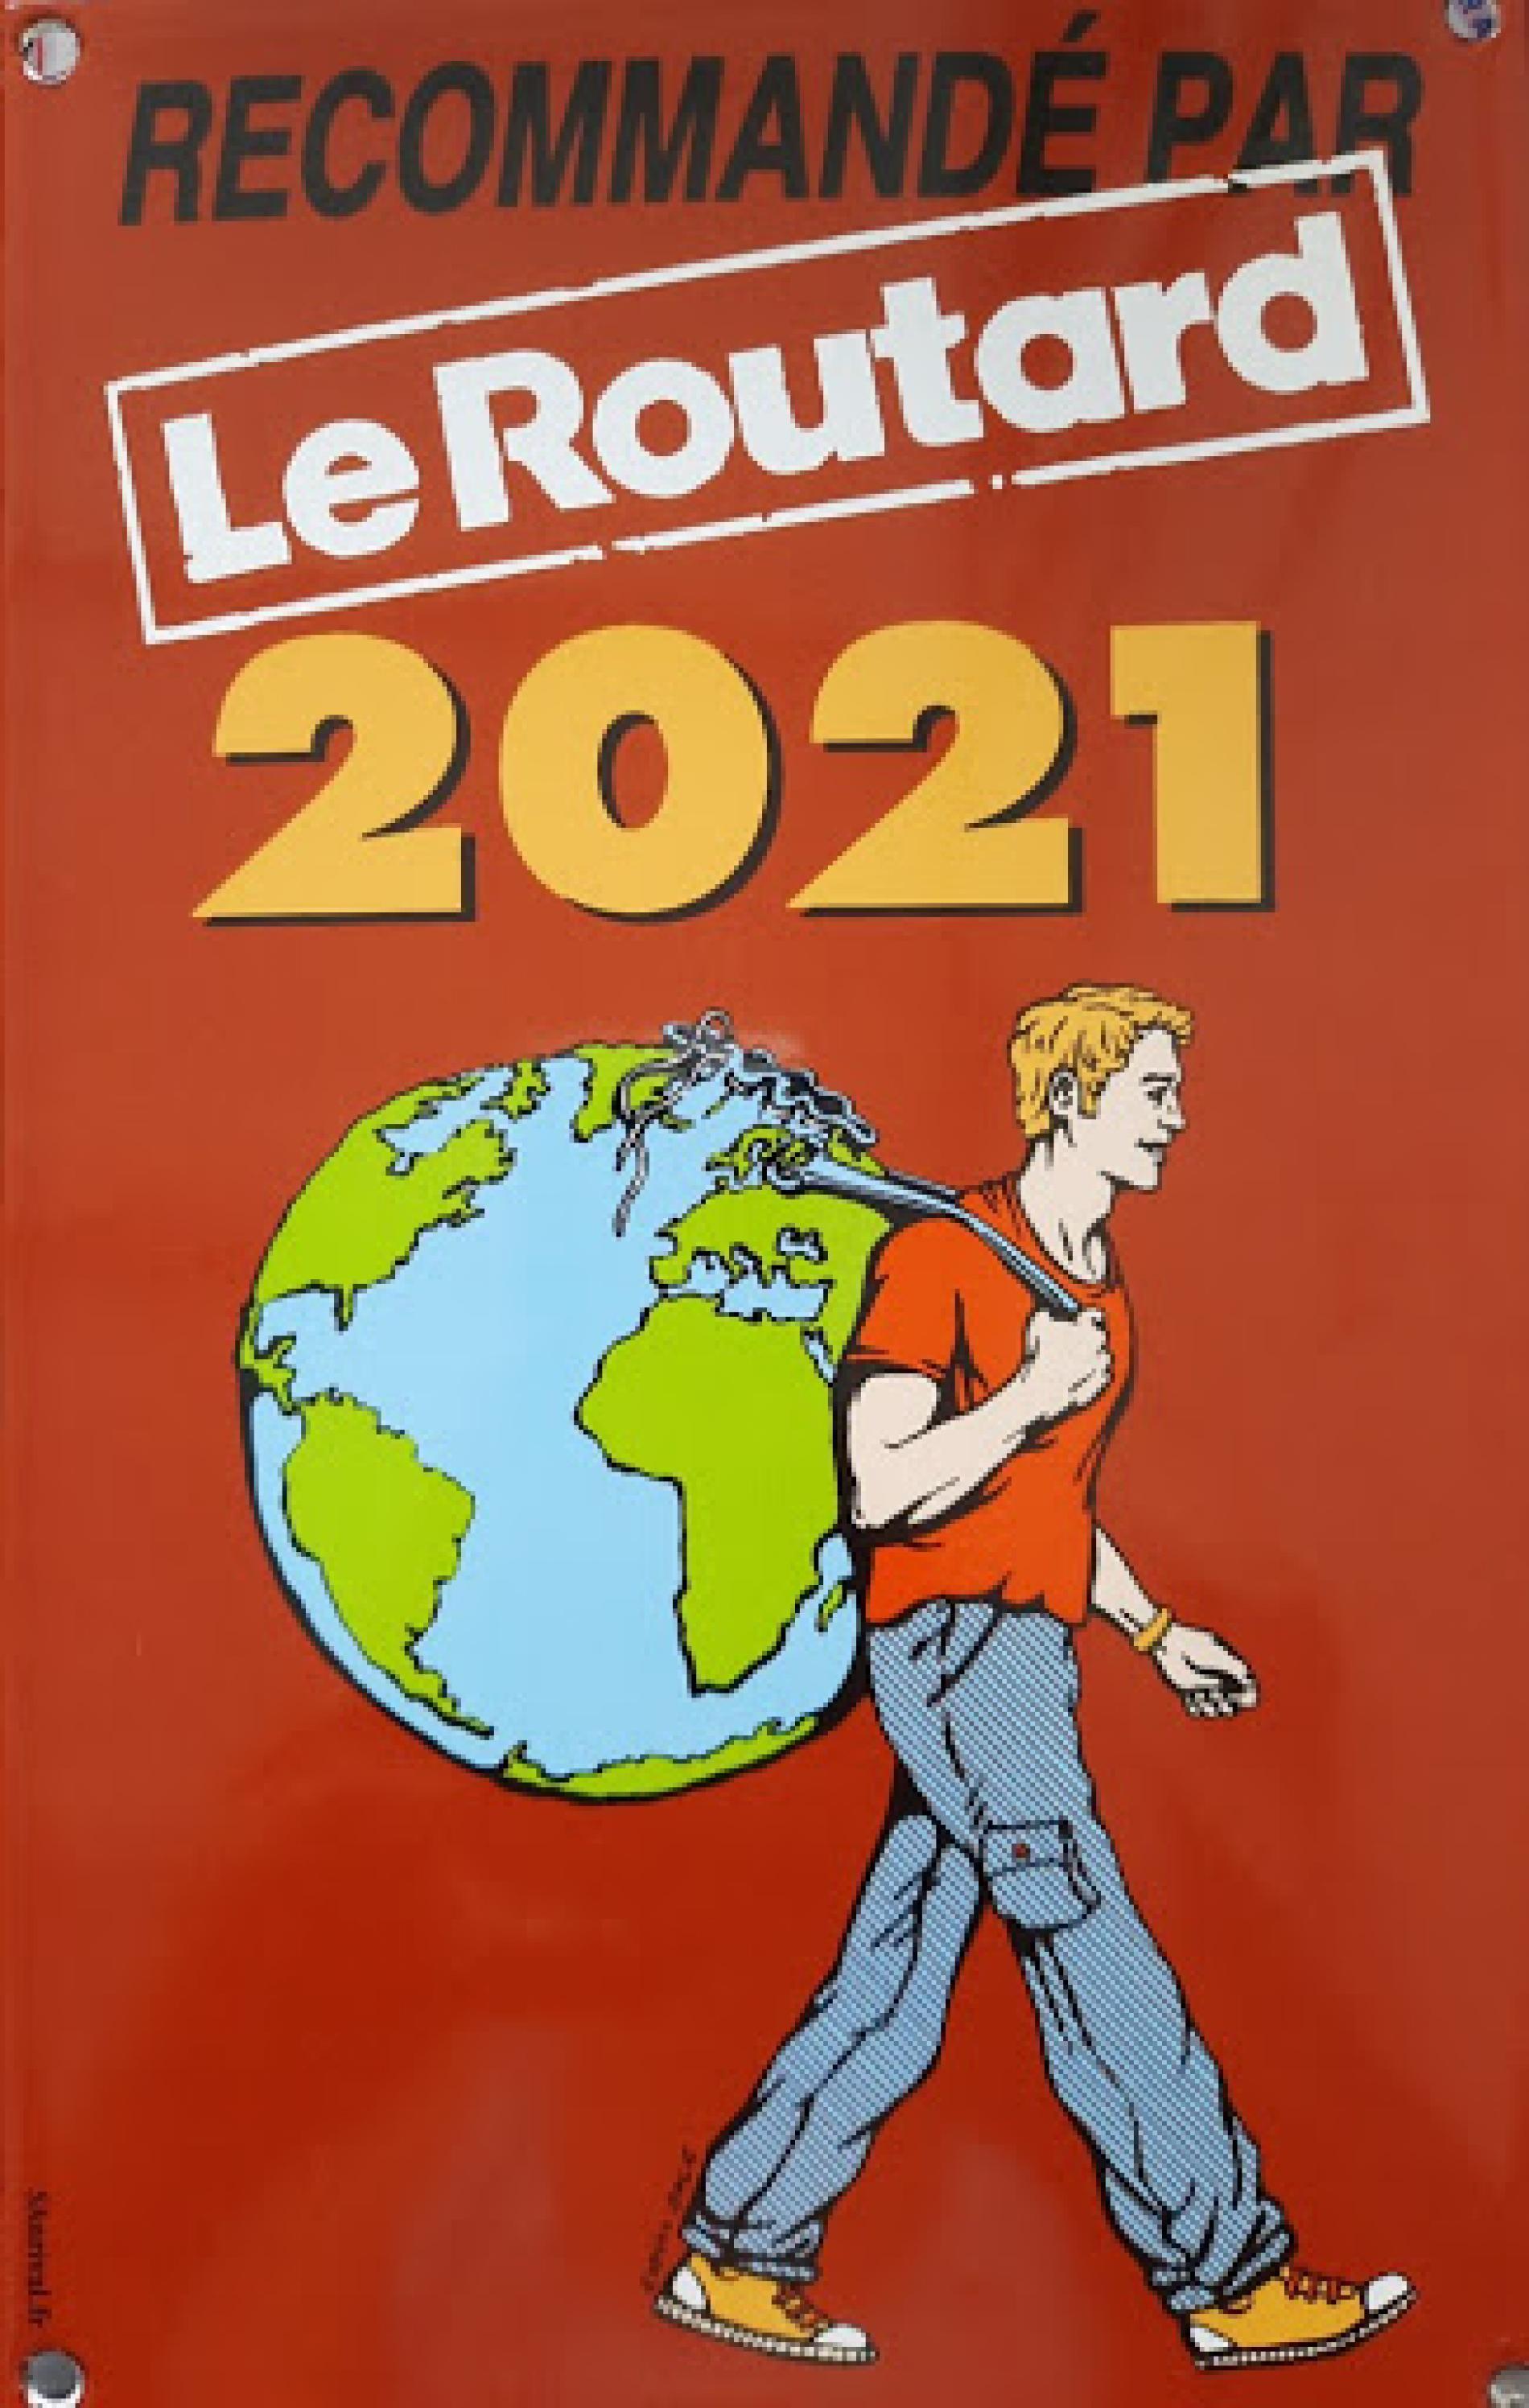 Recommandé par le guide du routard 2021